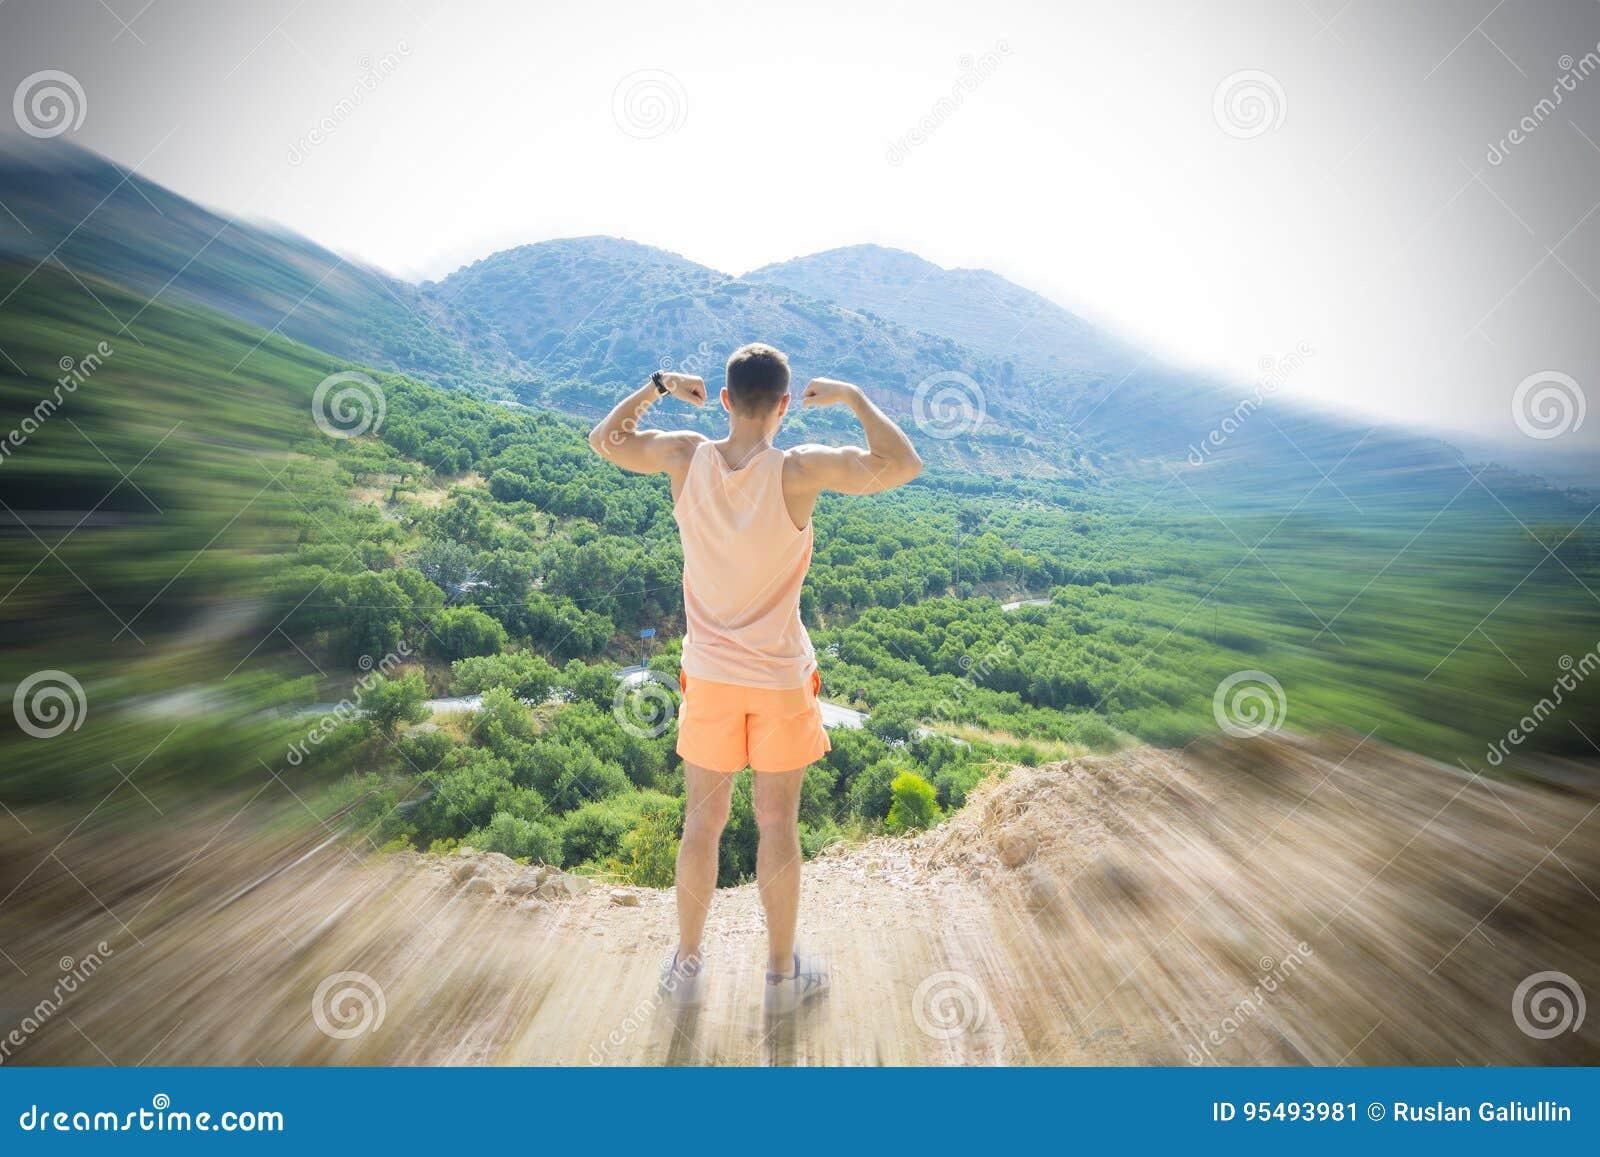 Mannen står i vinnare poserar på överkanten av ett berg Begreppet av ledarskap, styrka, förtroende och frihet